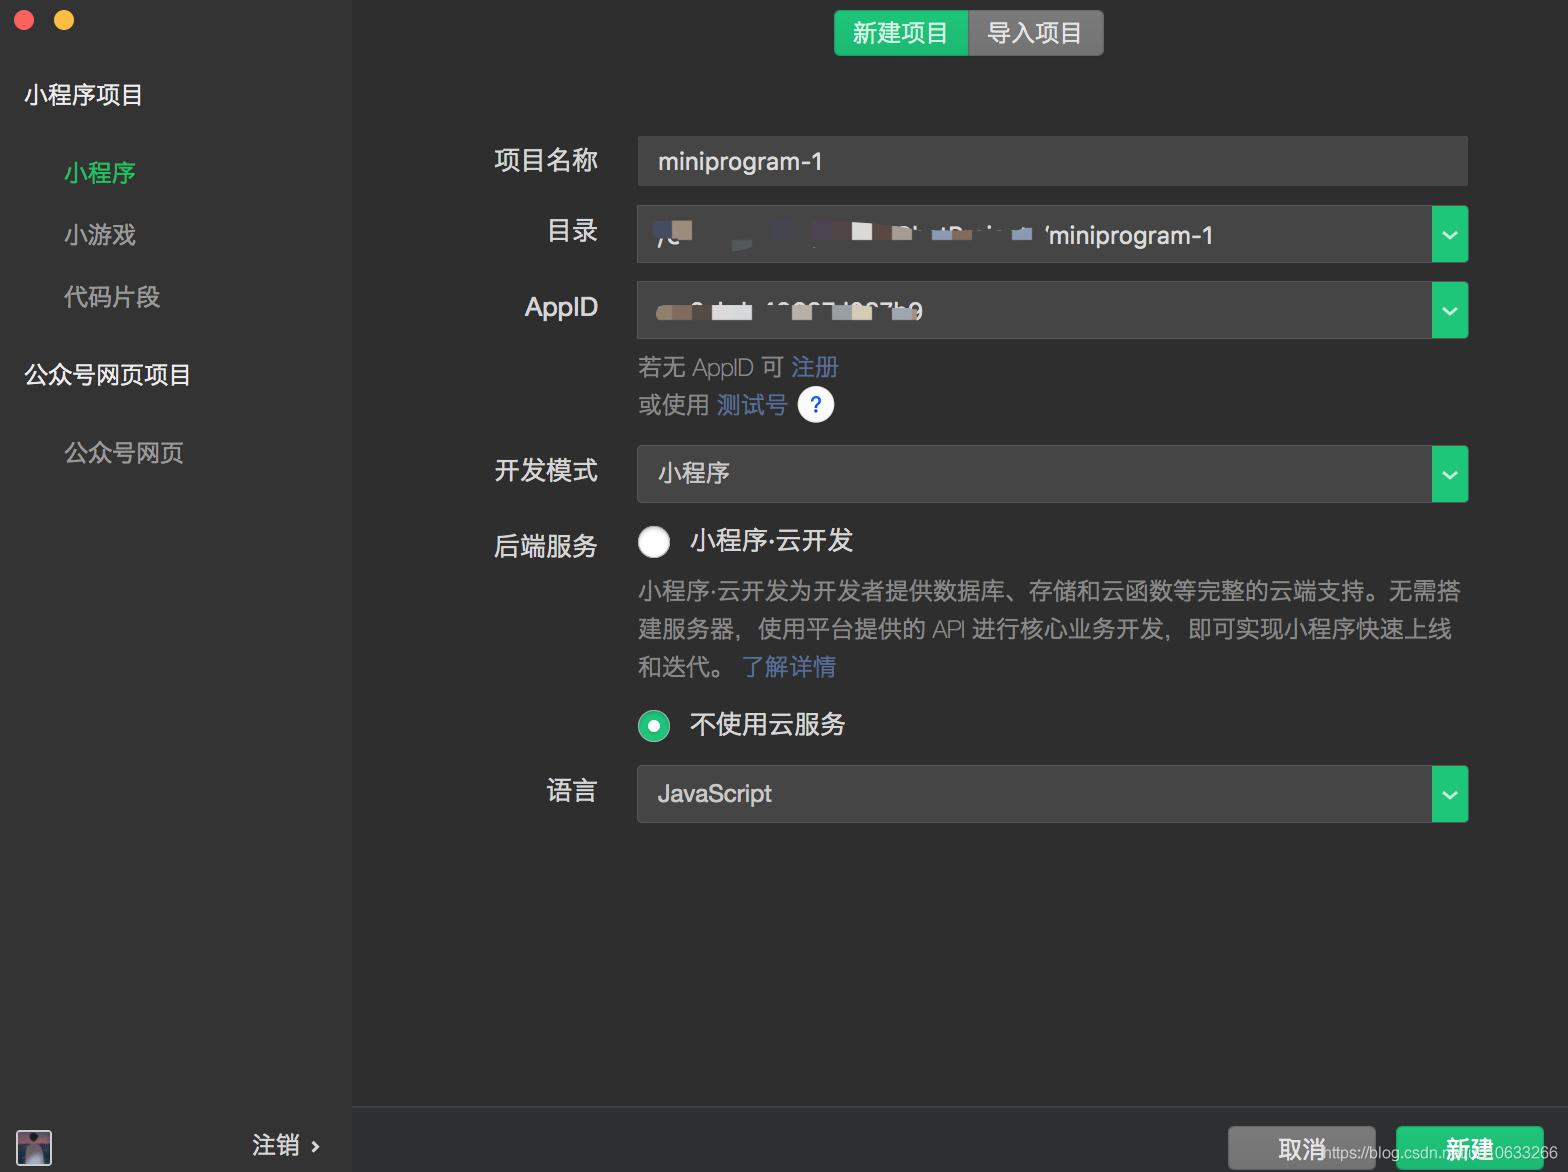 微信开发者工具集成GitHub,多人协调开发,上传拉取等